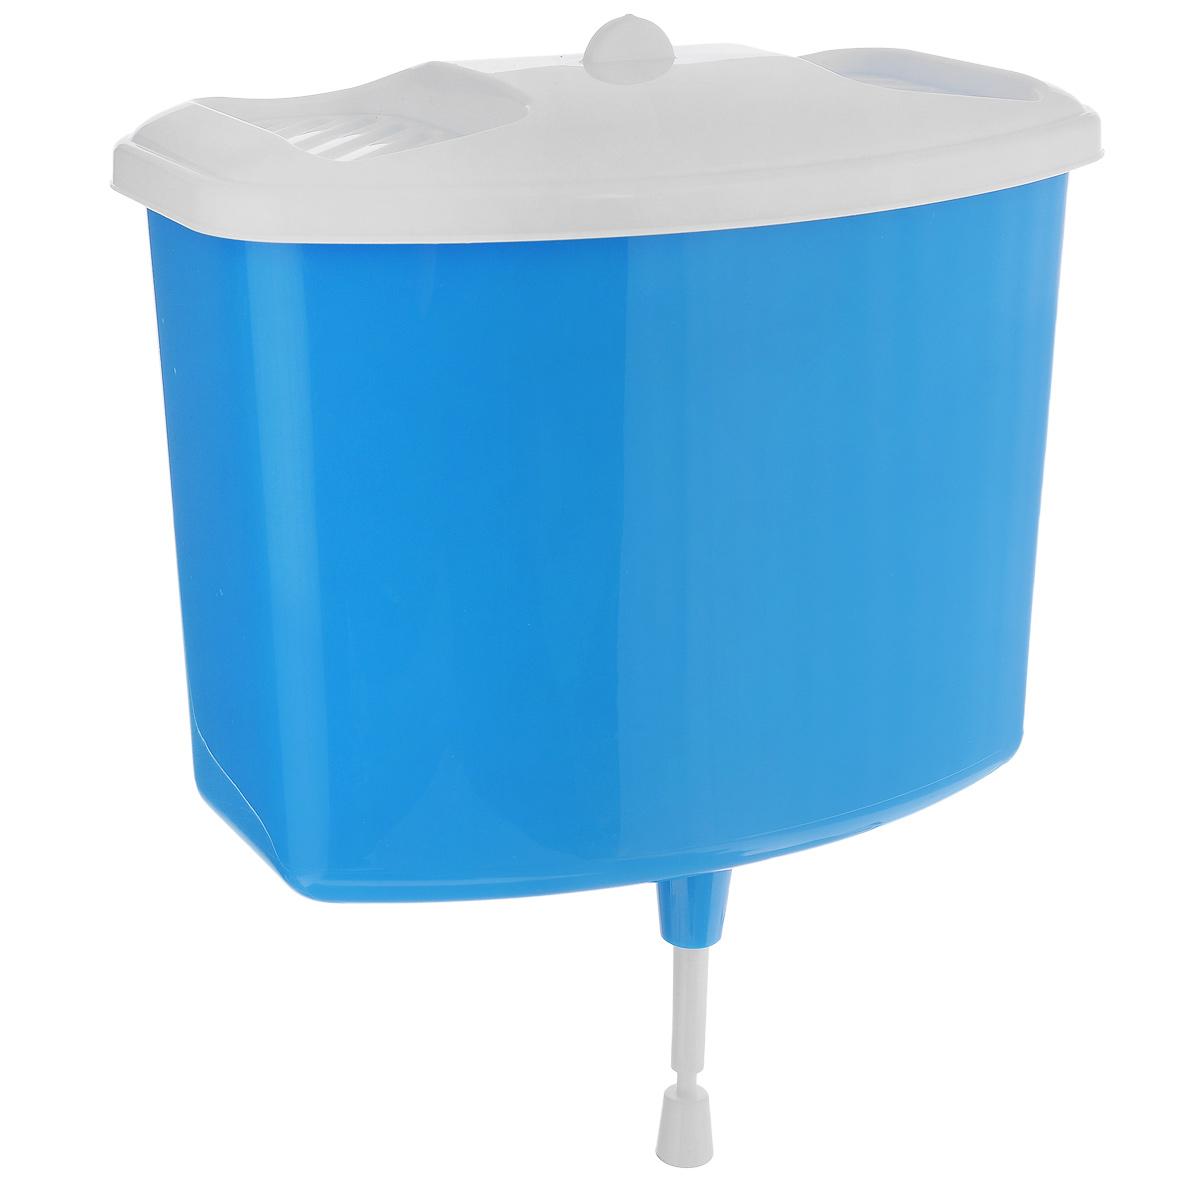 Рукомойник Альтернатива, цвет: голубой, 5 л531-402Рукомойник Альтернатива изготовлен из пластика. Он предназначен для умывания в саду или на даче. Яркий и красочный, он отлично впишется в окружающую обстановку. Петли предоставляют вертикальное крепление рукомойника. Изделие оснащено крышкой, которая предотвращает попадание мусора. Также на крышке имеет две выемки для мыла. Рукомойник Альтернатива надежный и удобный в использовании.Размер рукомойника: 26,5 см х 15 см.Высота (без учета крышки): 23 см.